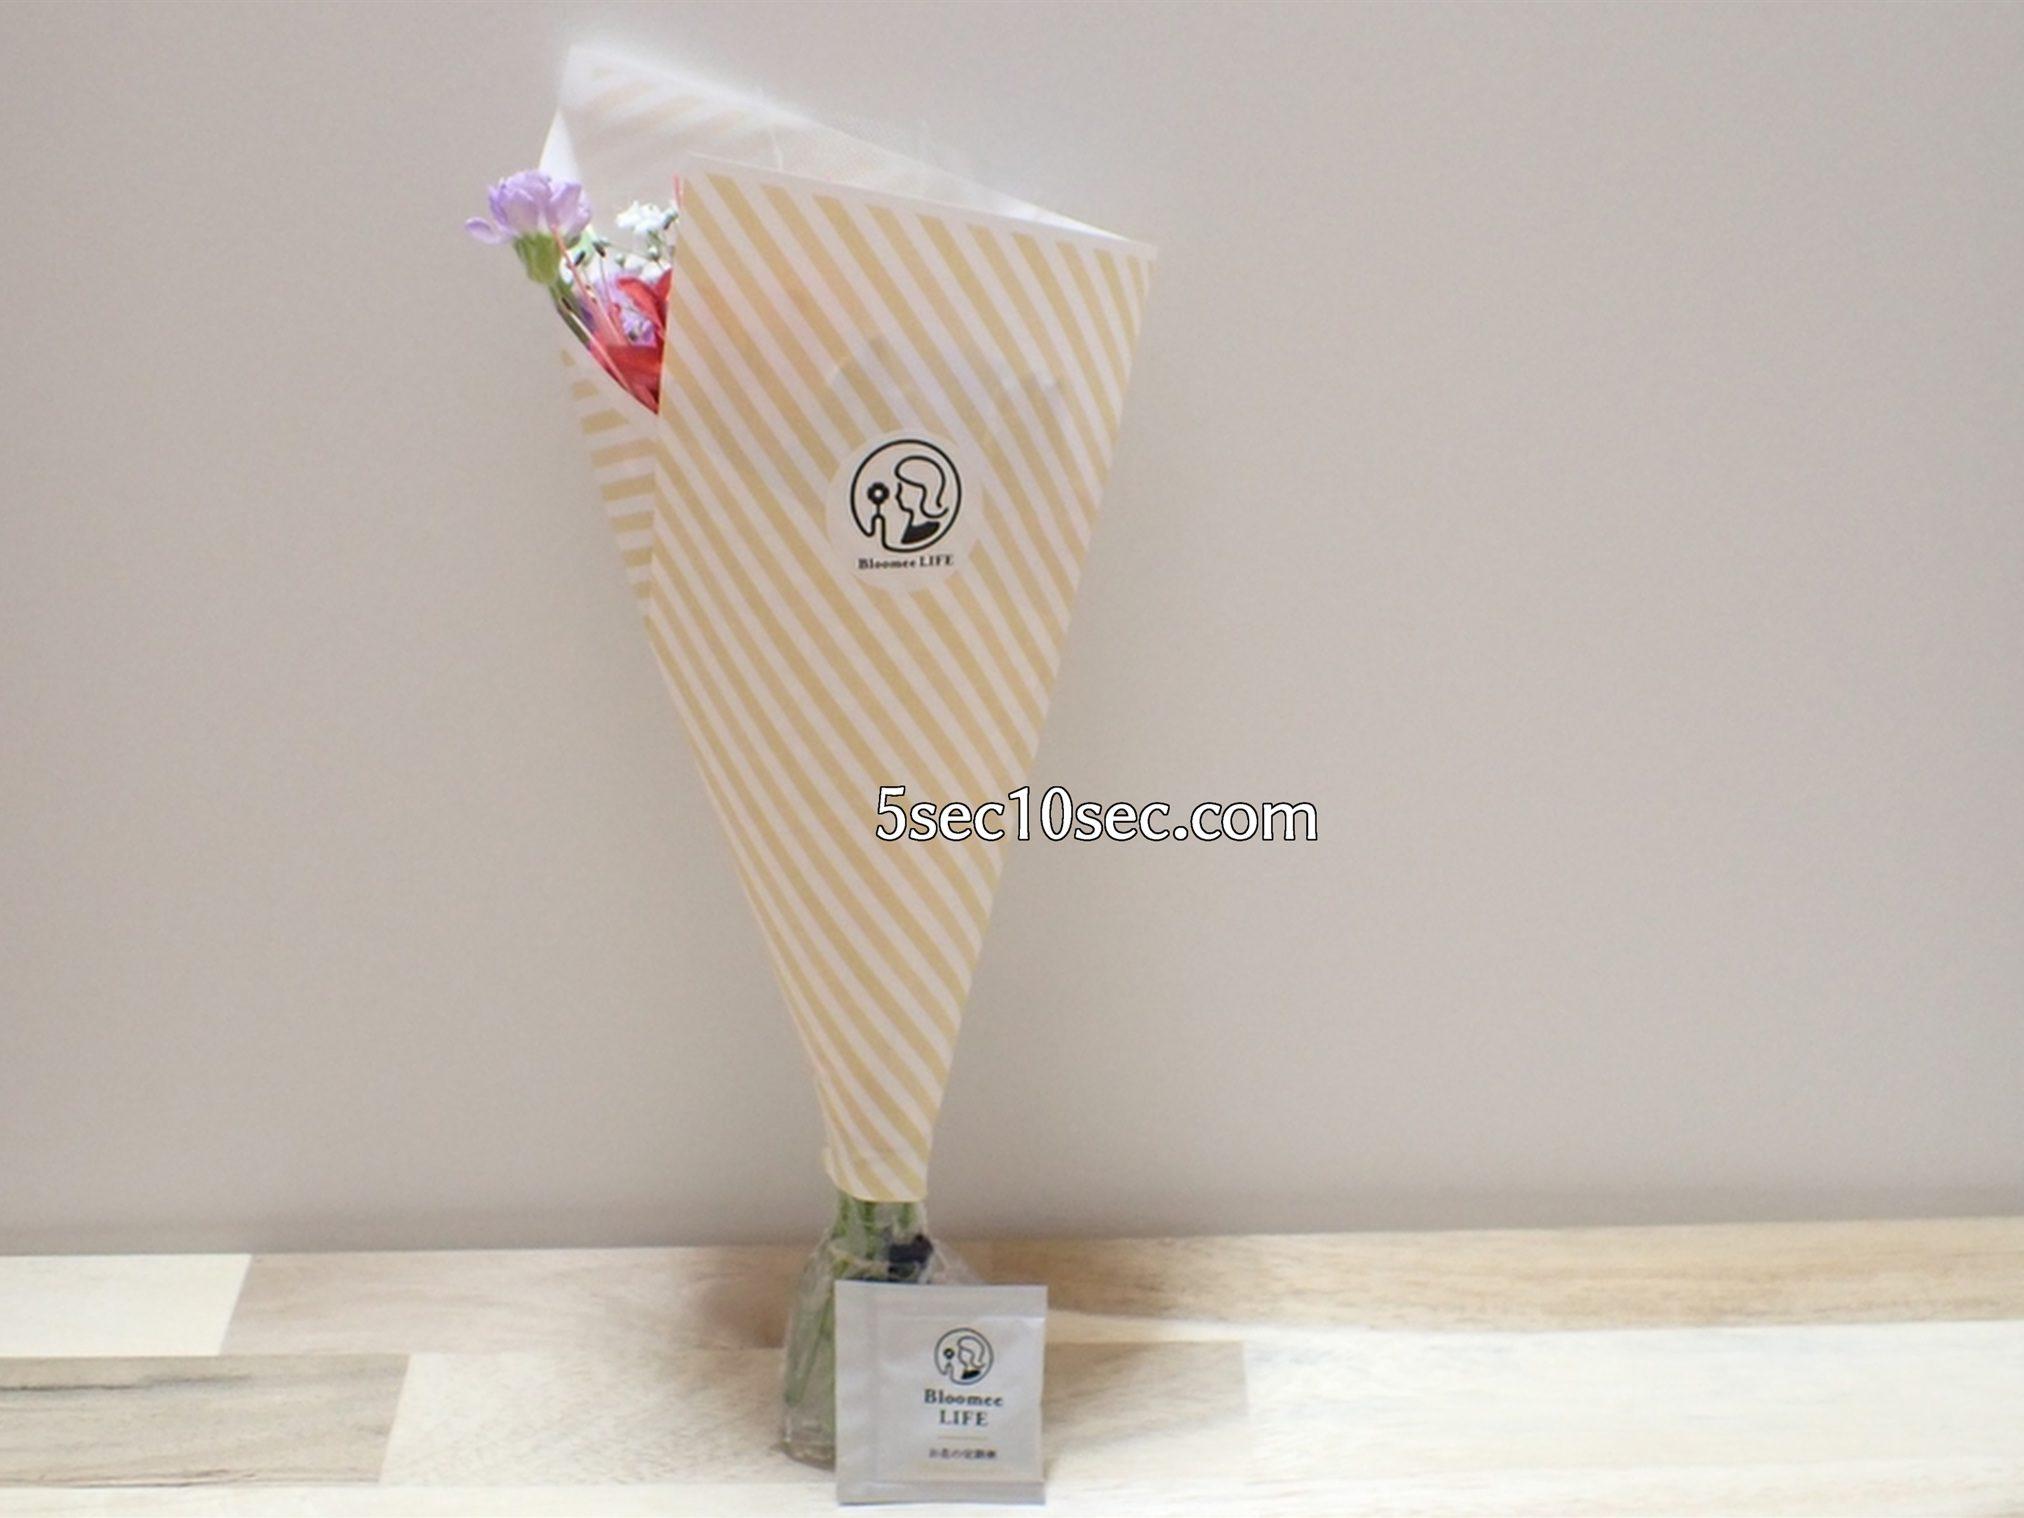 株式会社Crunch Style お花の定期便 Bloomee LIFE ブルーミーライフ 届いたお花をパッケージから取り出した包装されている状態の写真